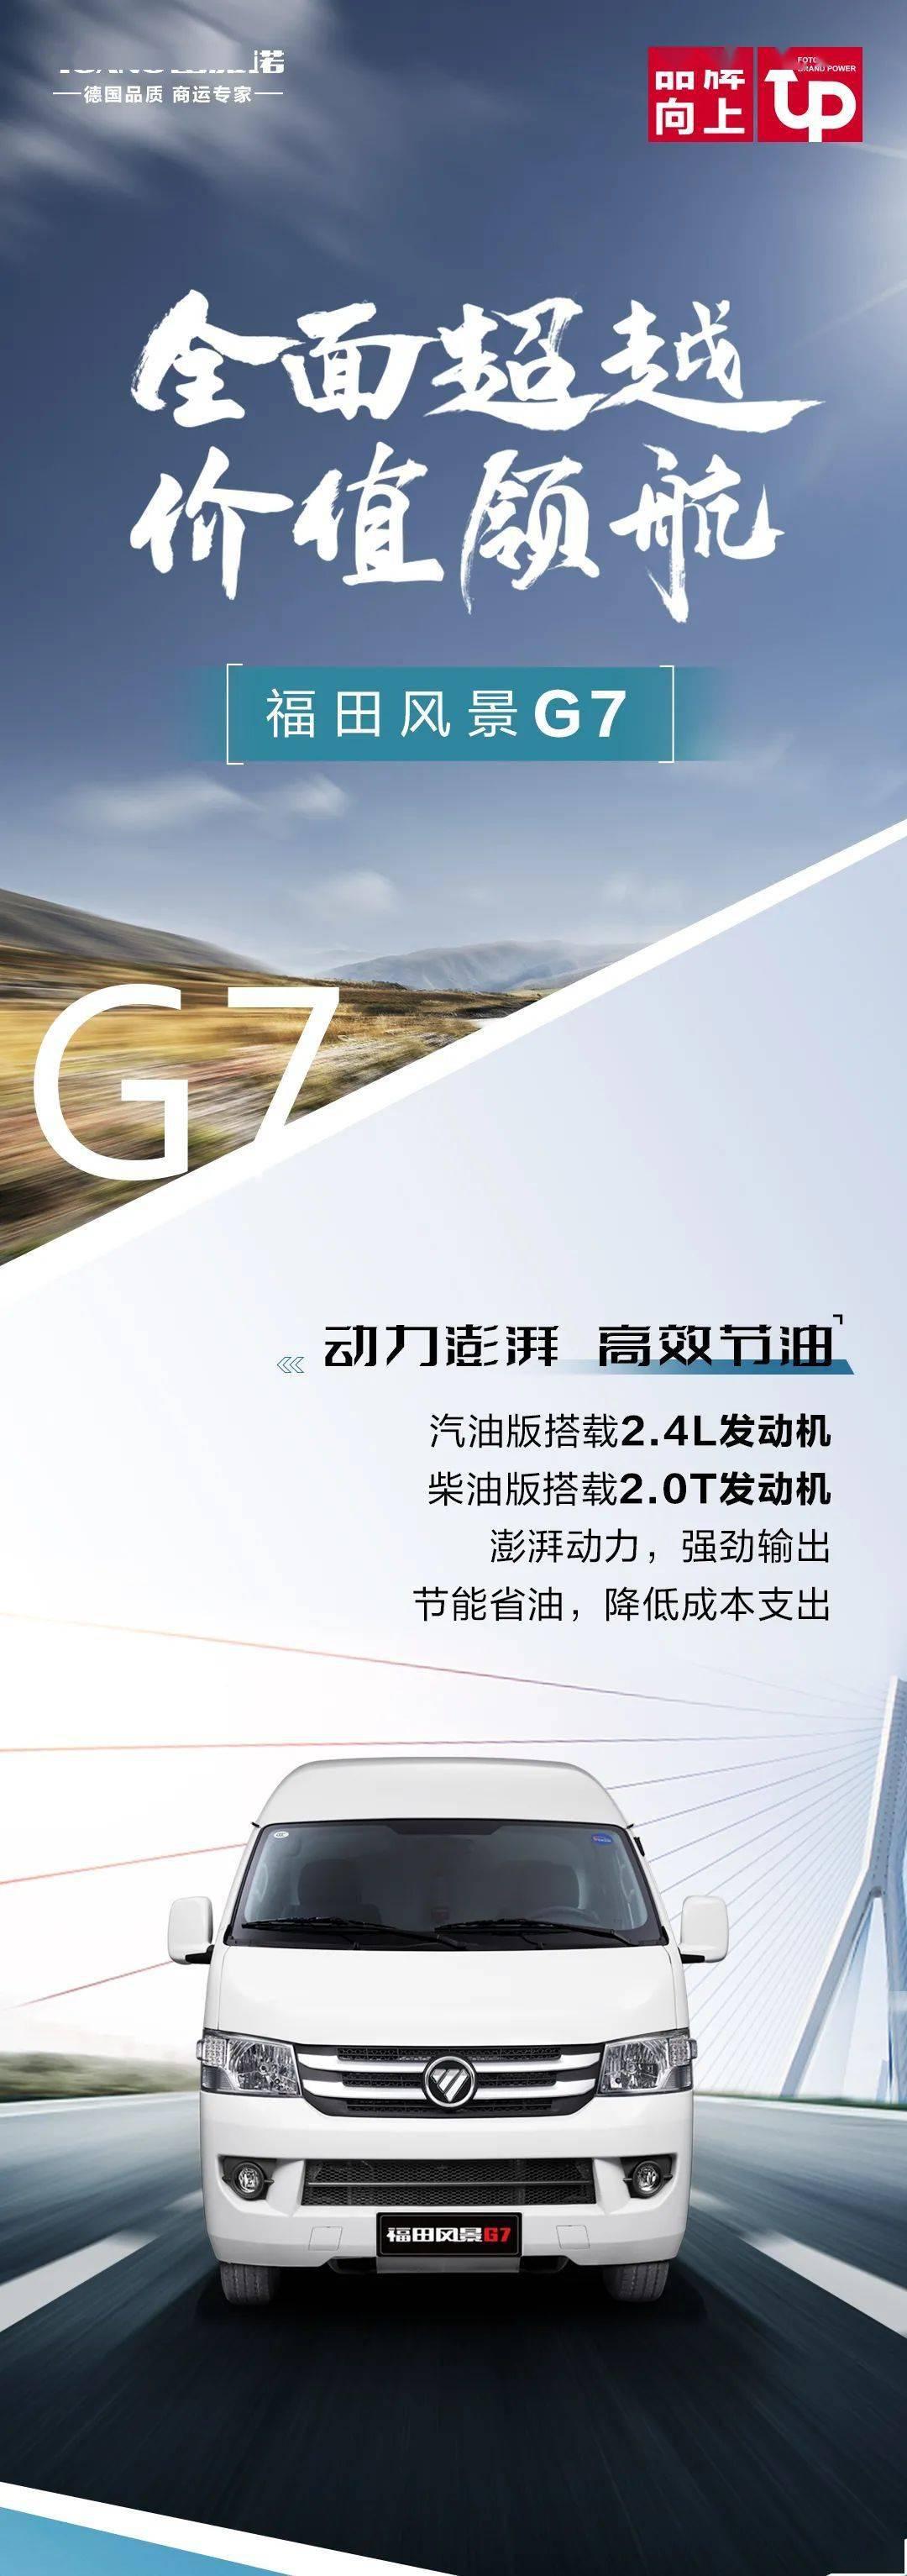 价值导航的全面超越|一张图了解福田风景G7